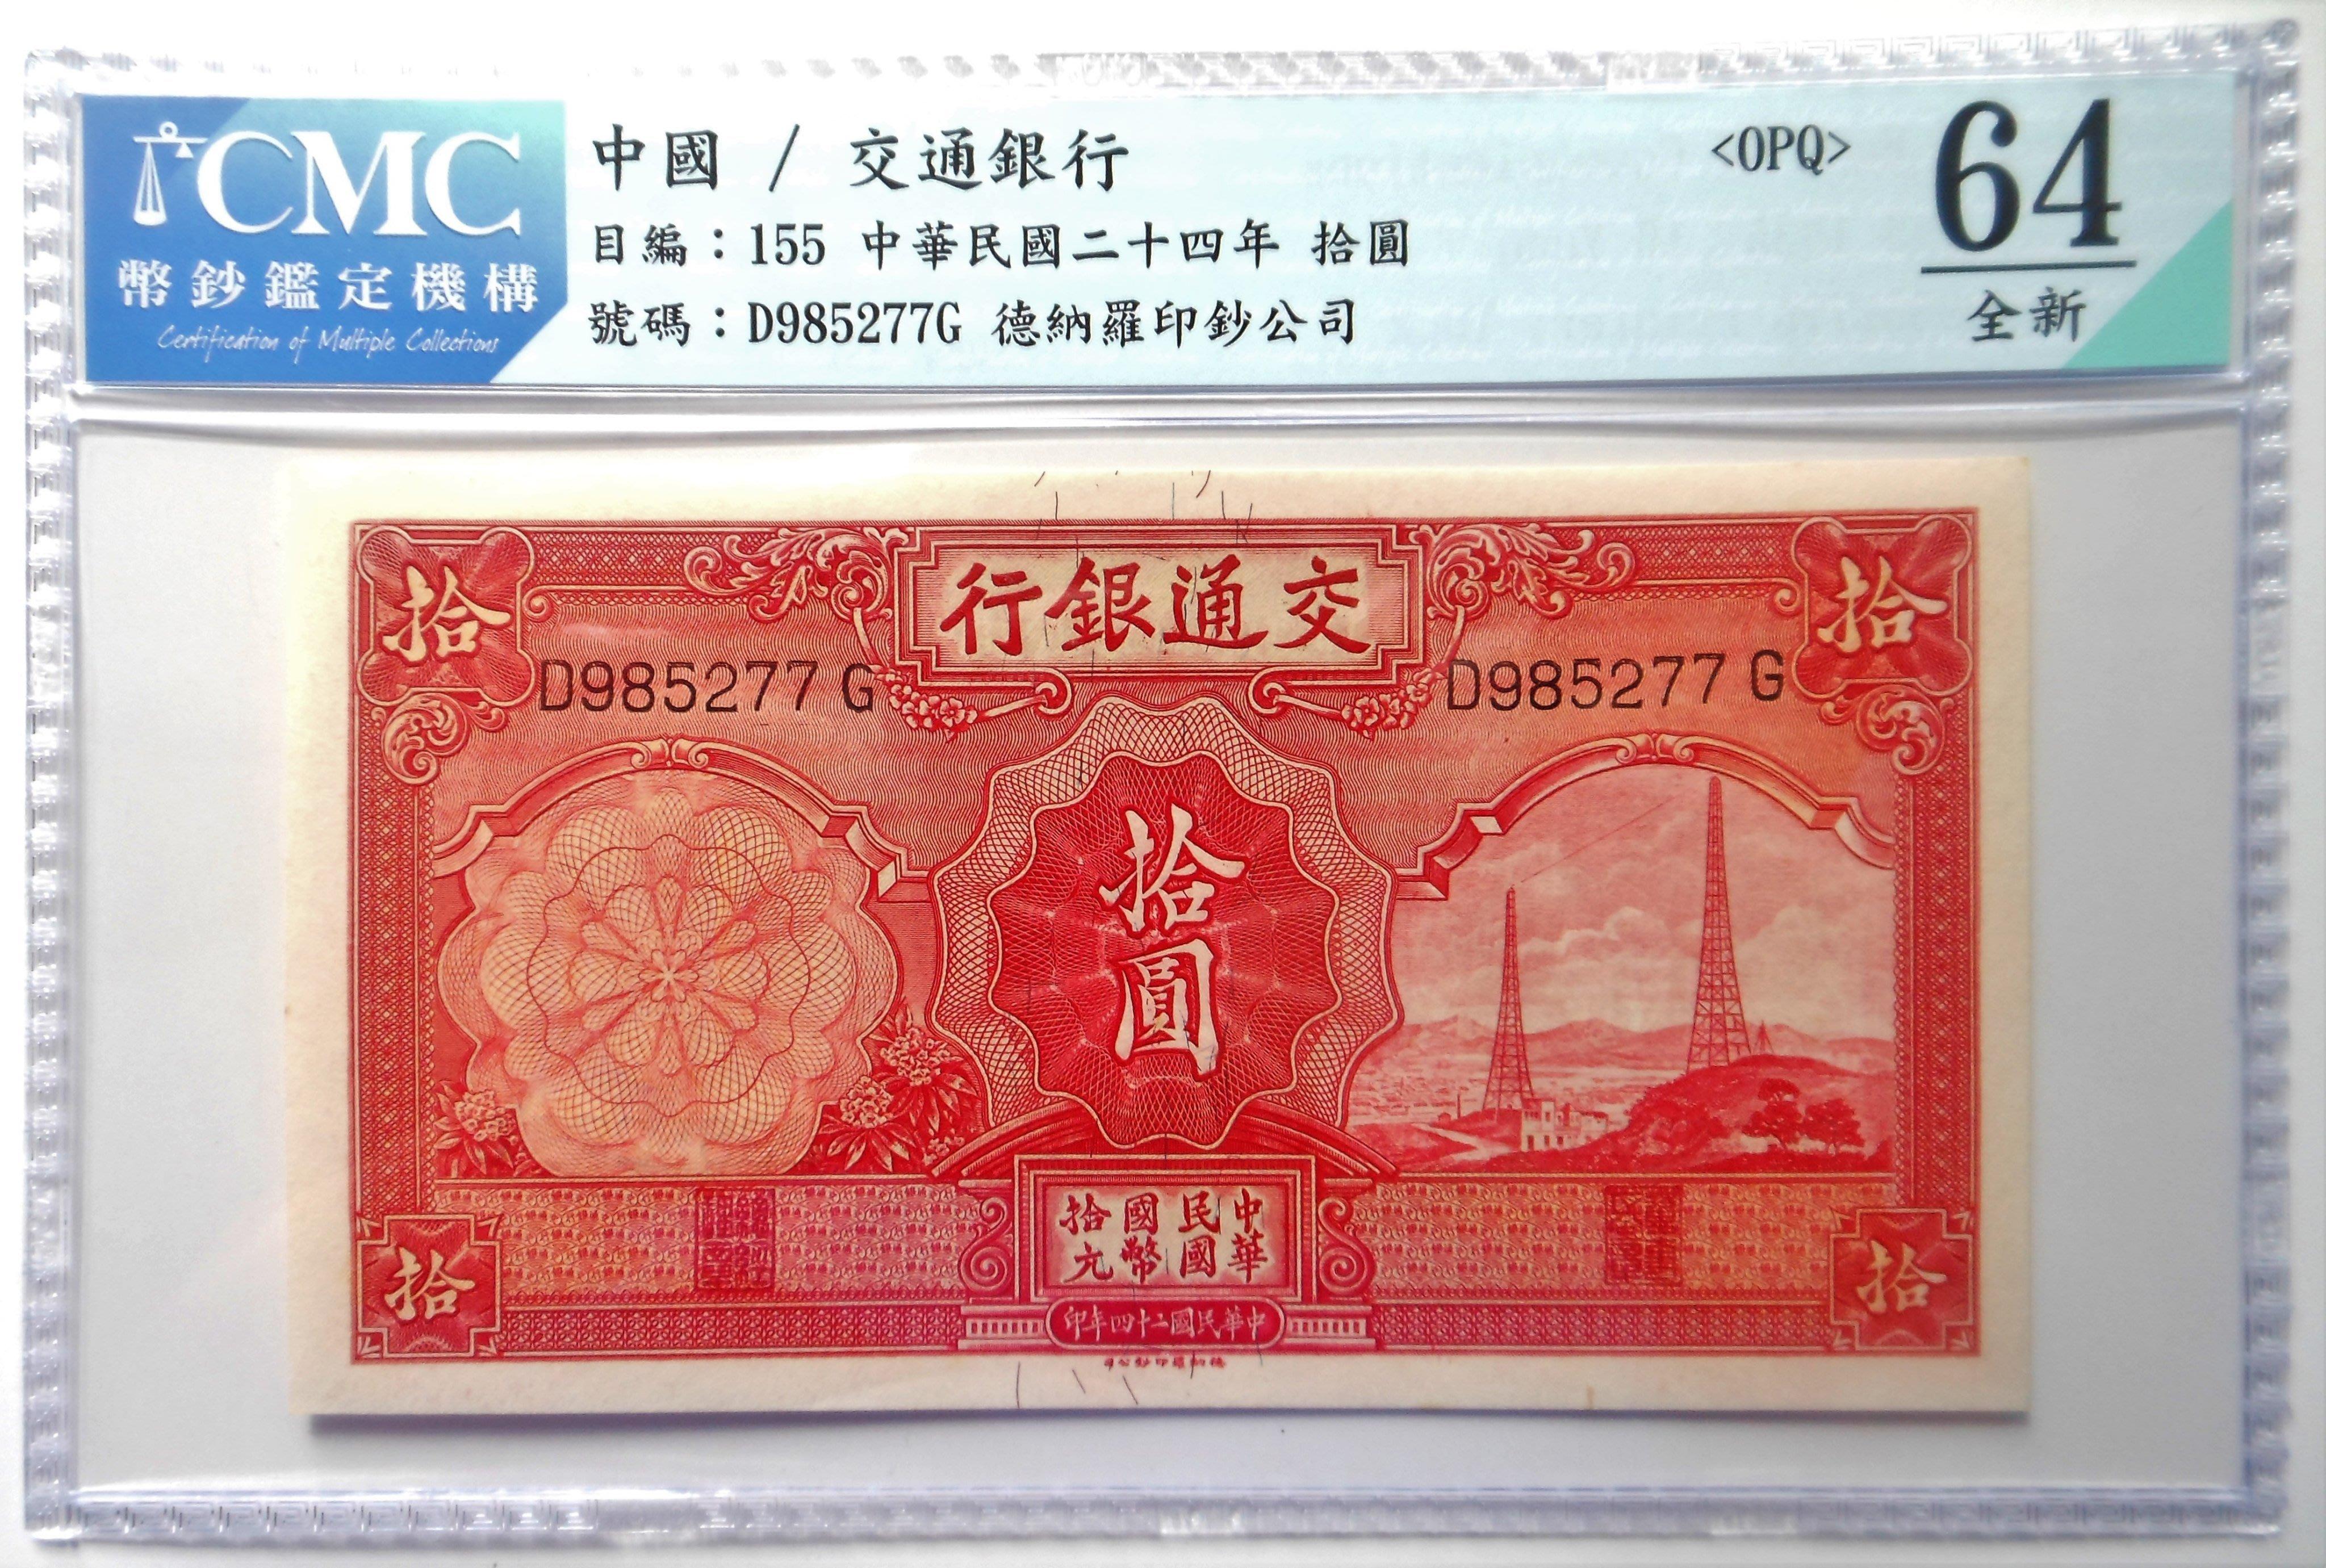 CMC鑑定 64OPQ (全新) 24年 交通銀行 紅色 拾圓~非PMG